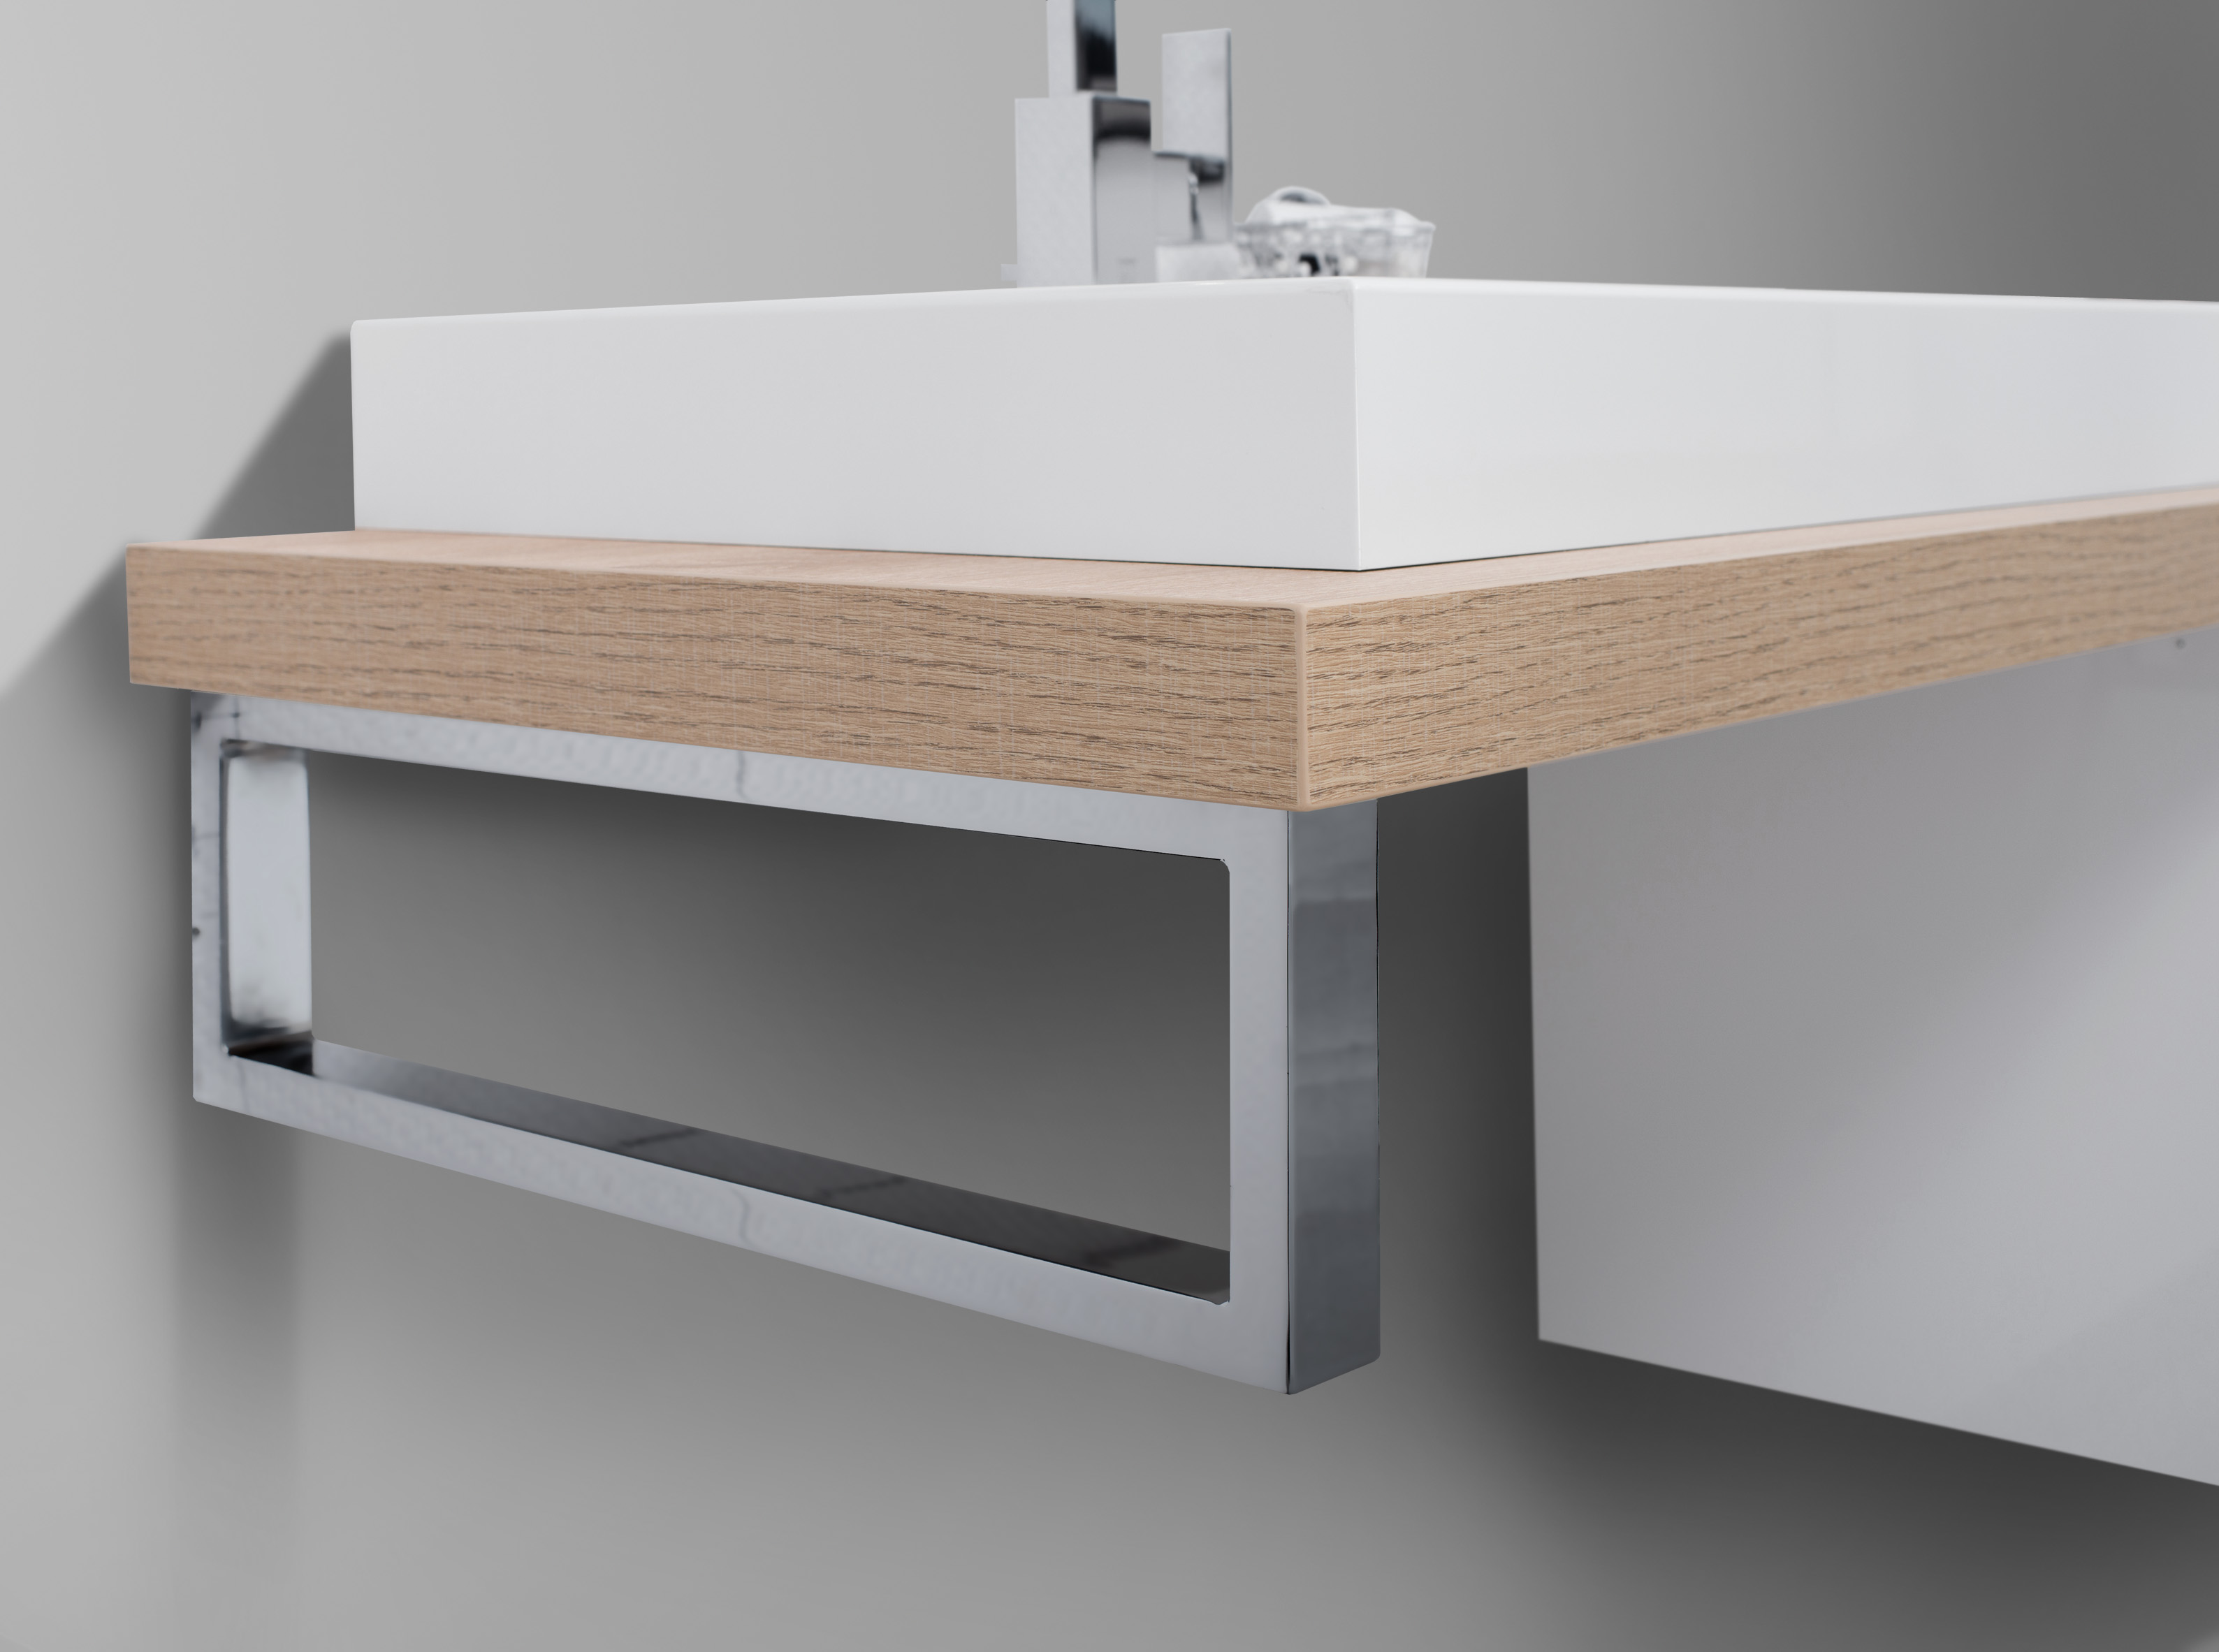 Badmöbel Set nach Maß Waschtischplatte, Waschtisch, Unterschrank, Konsole